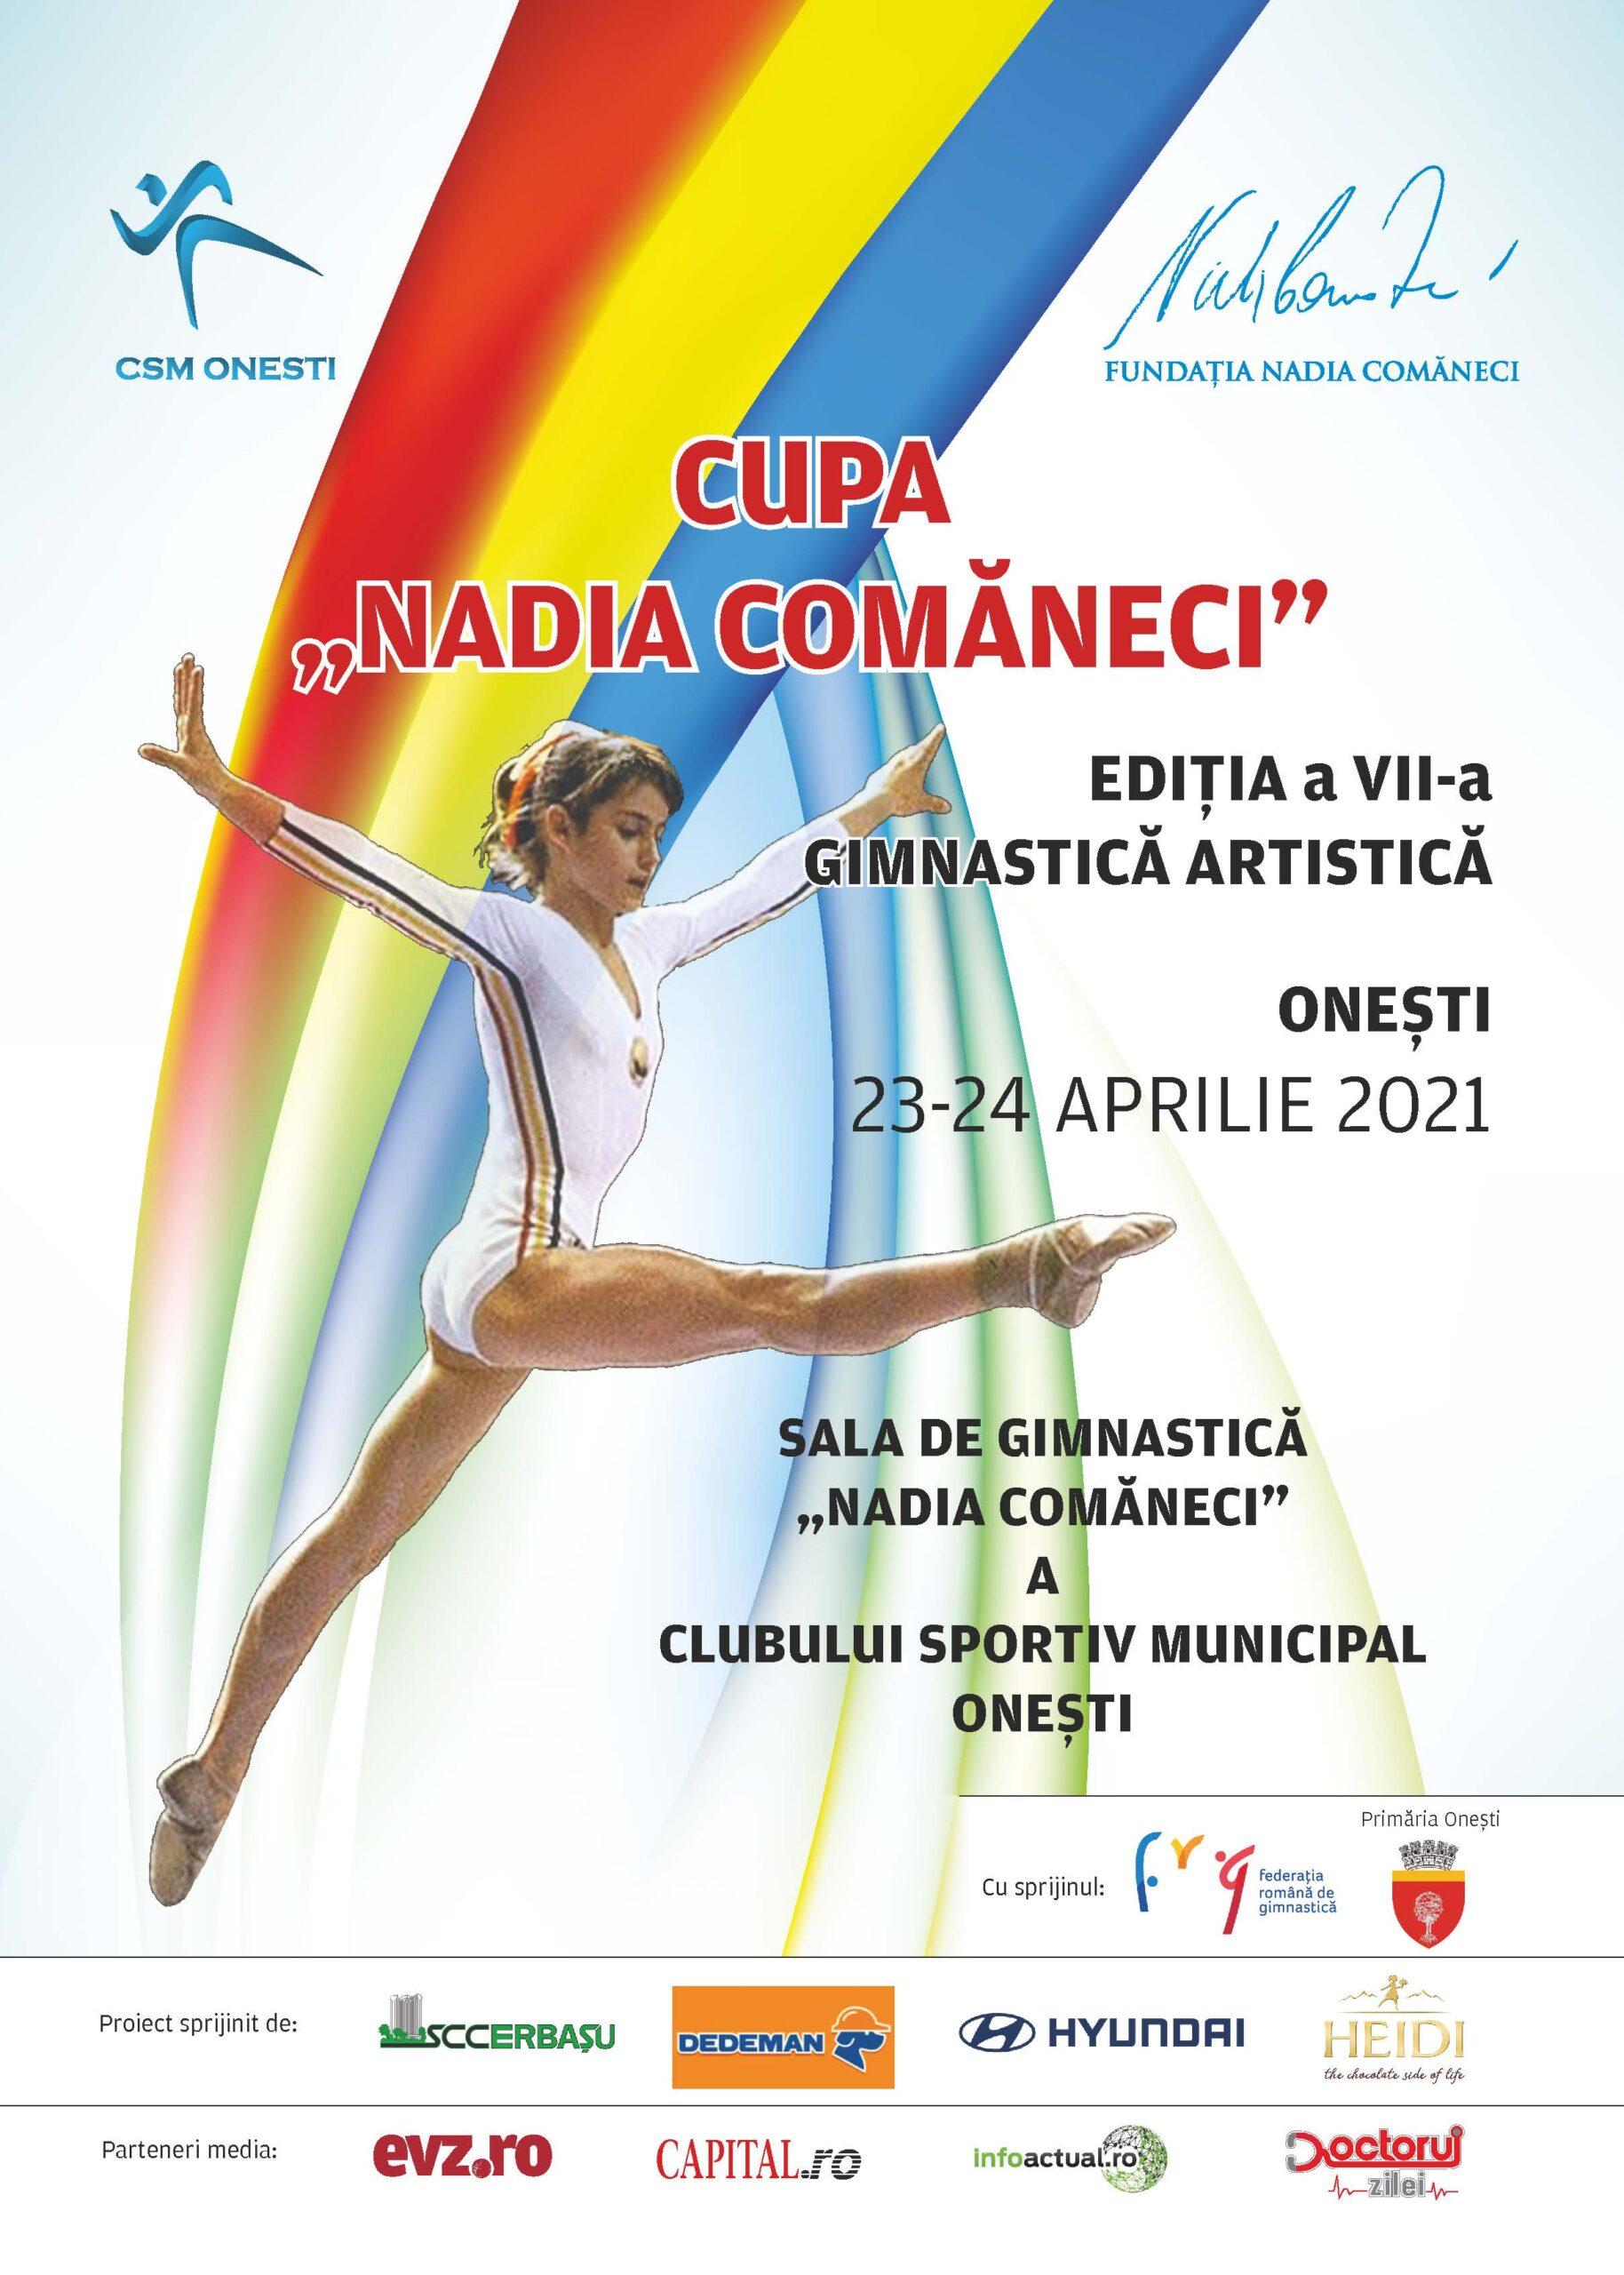 Cupa Nadia Comăneci sfidează pandemia